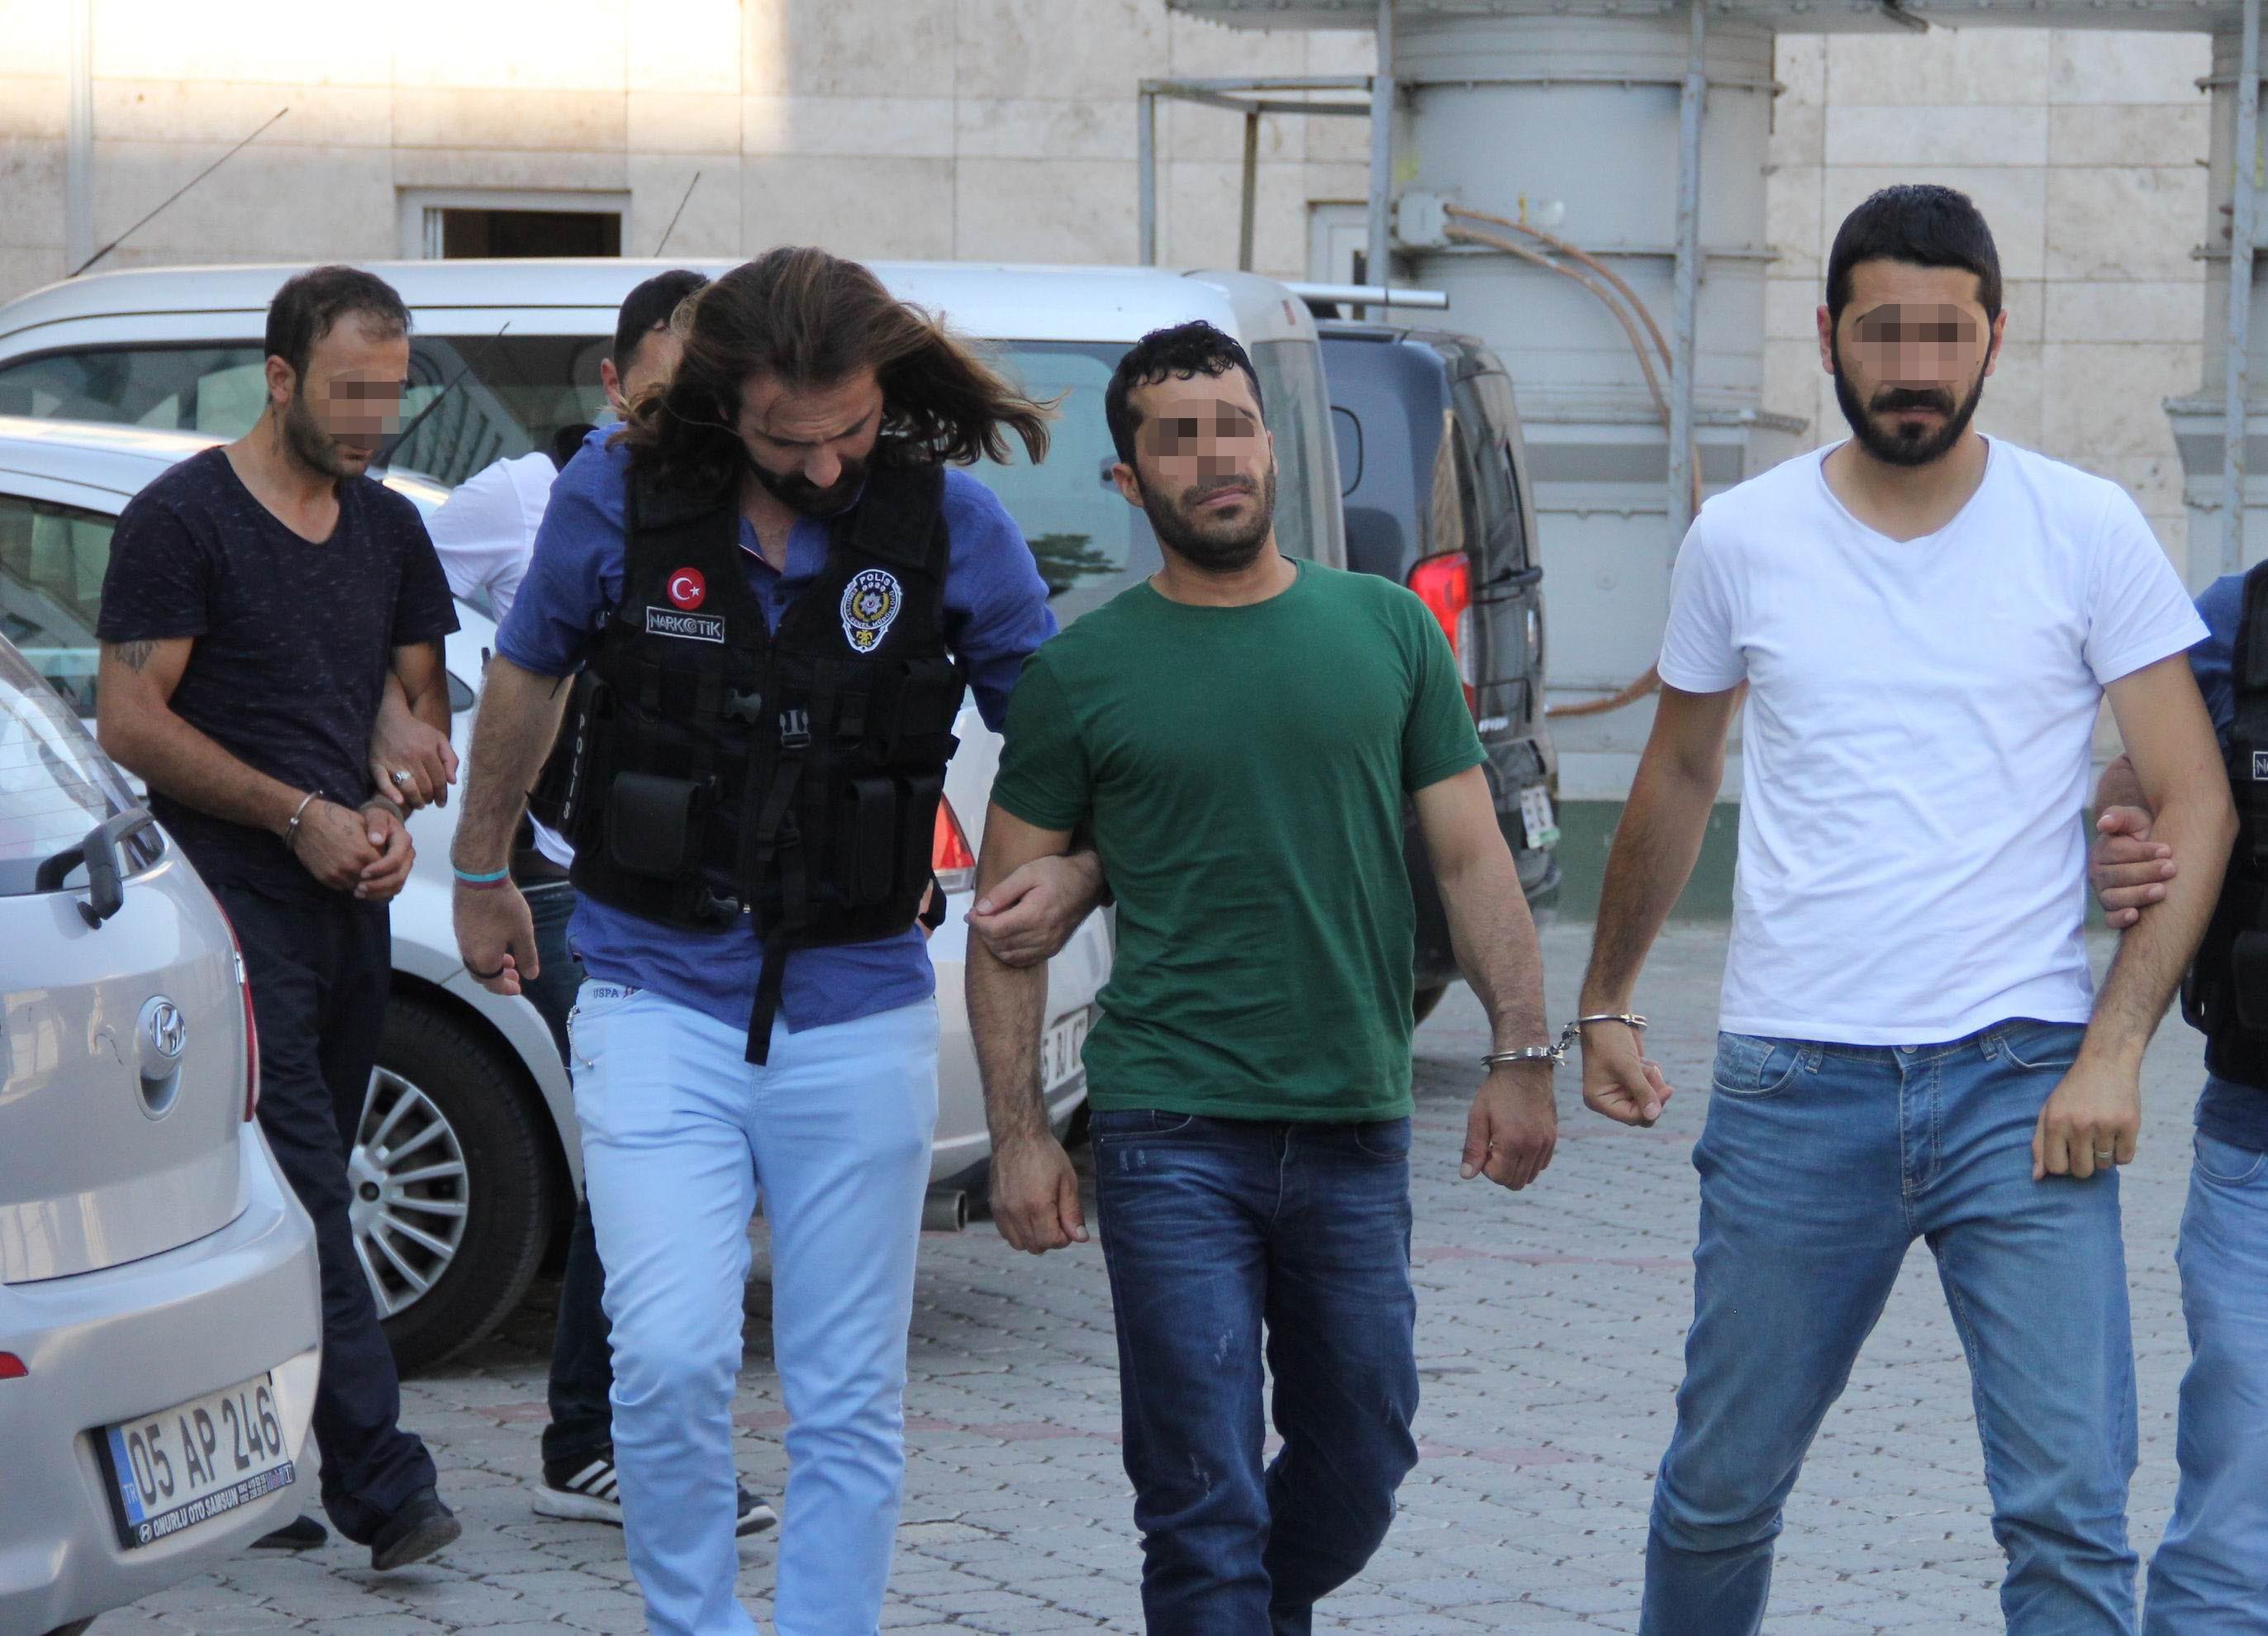 Erzurum'un yüz karası tutuklandı